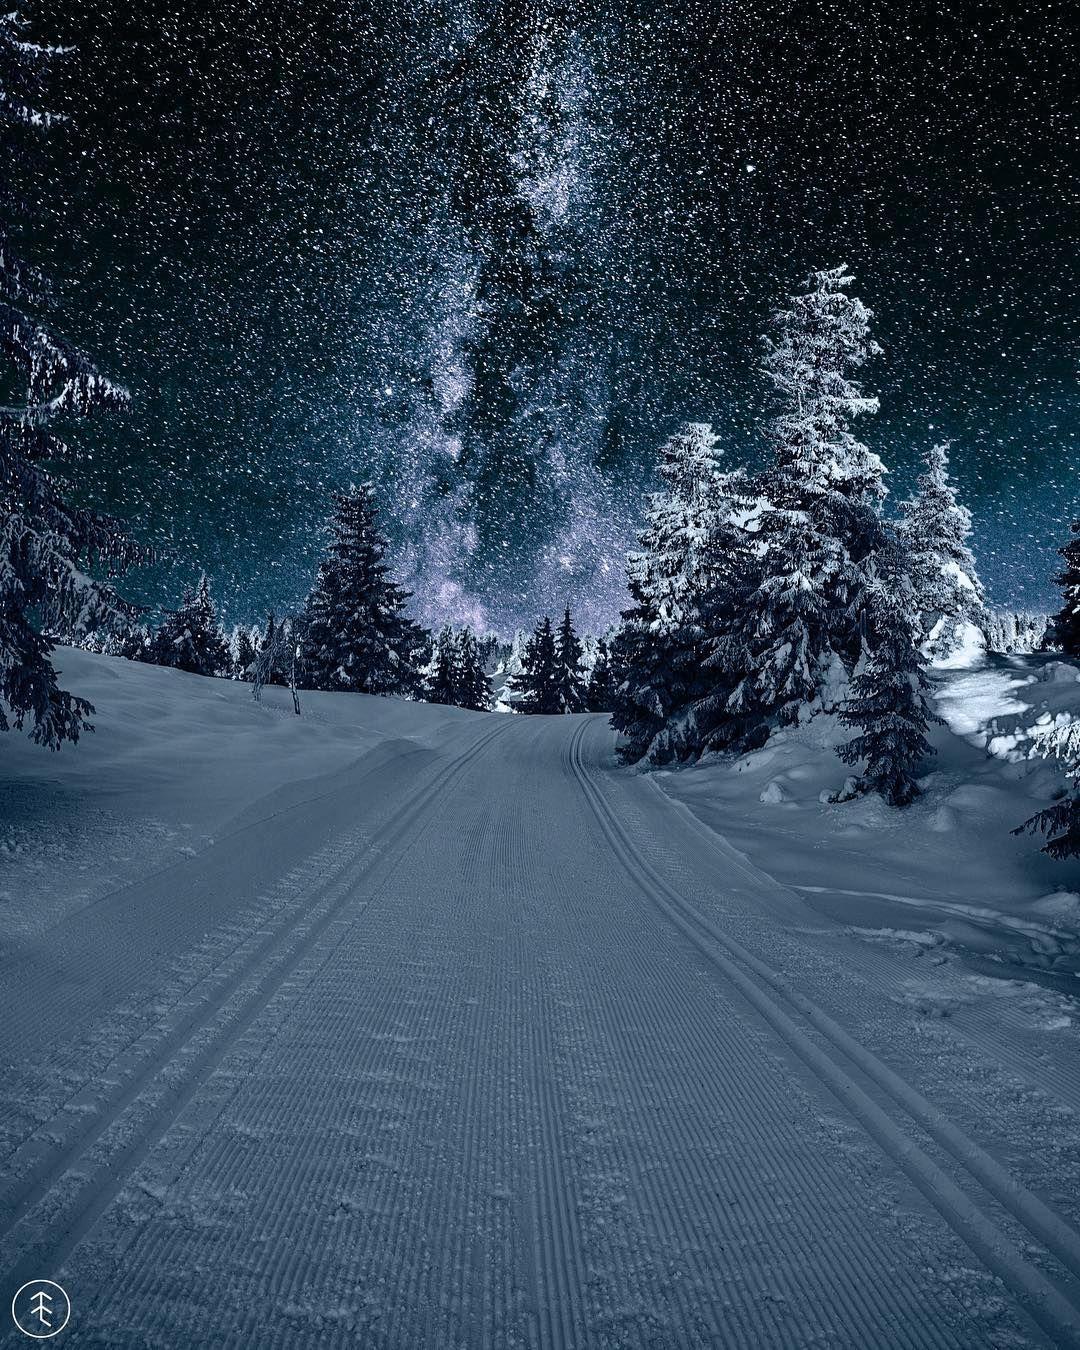 Night Skiing Austlid Norway By Sondre Eriksen